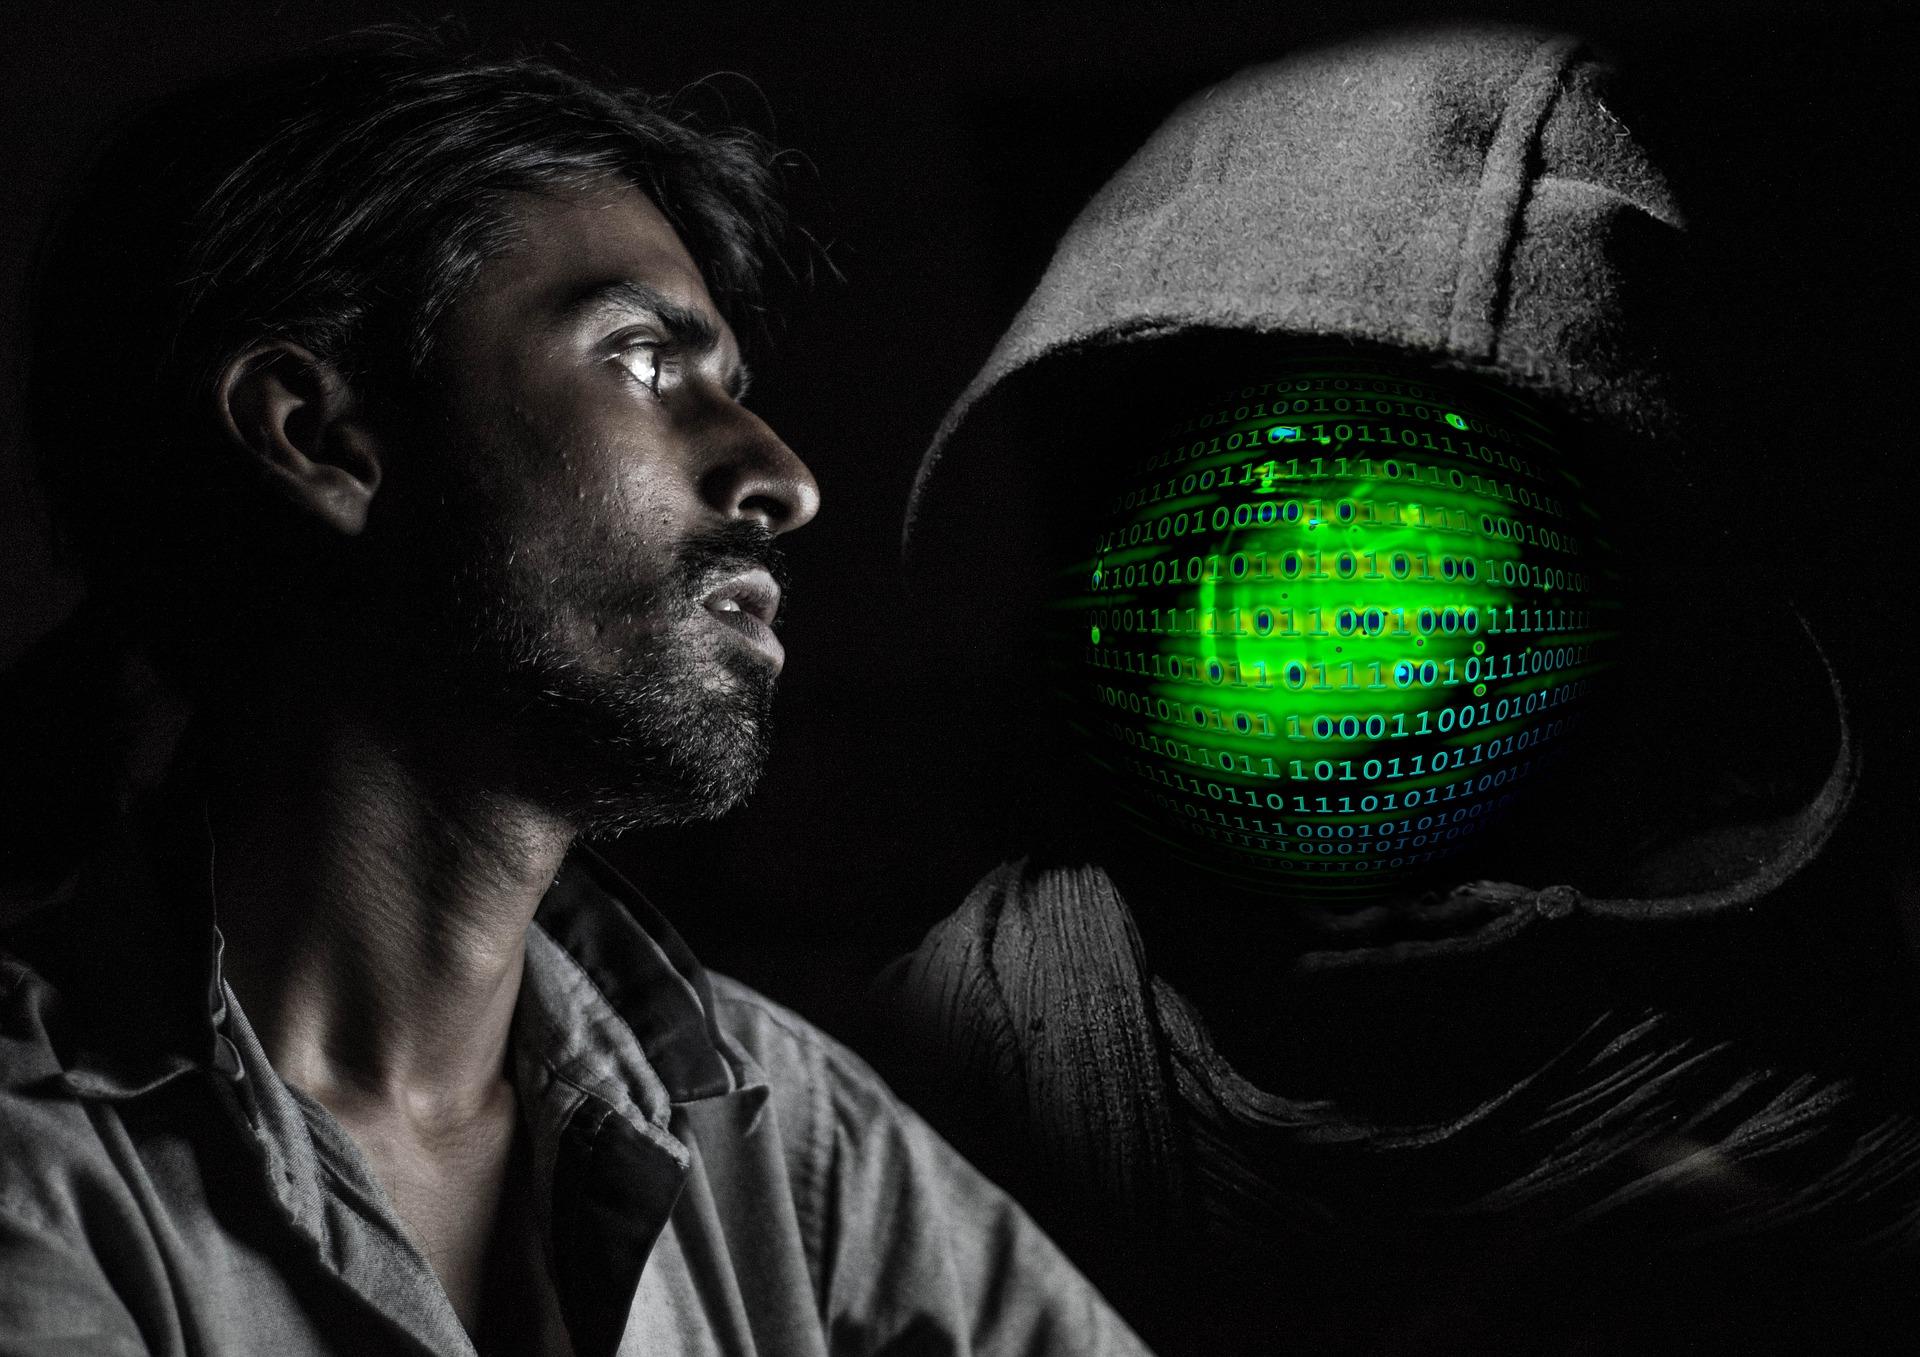 20 millones de usuarios podrían verse amenazados por las vulnerabilidades críticas de SafeMoon